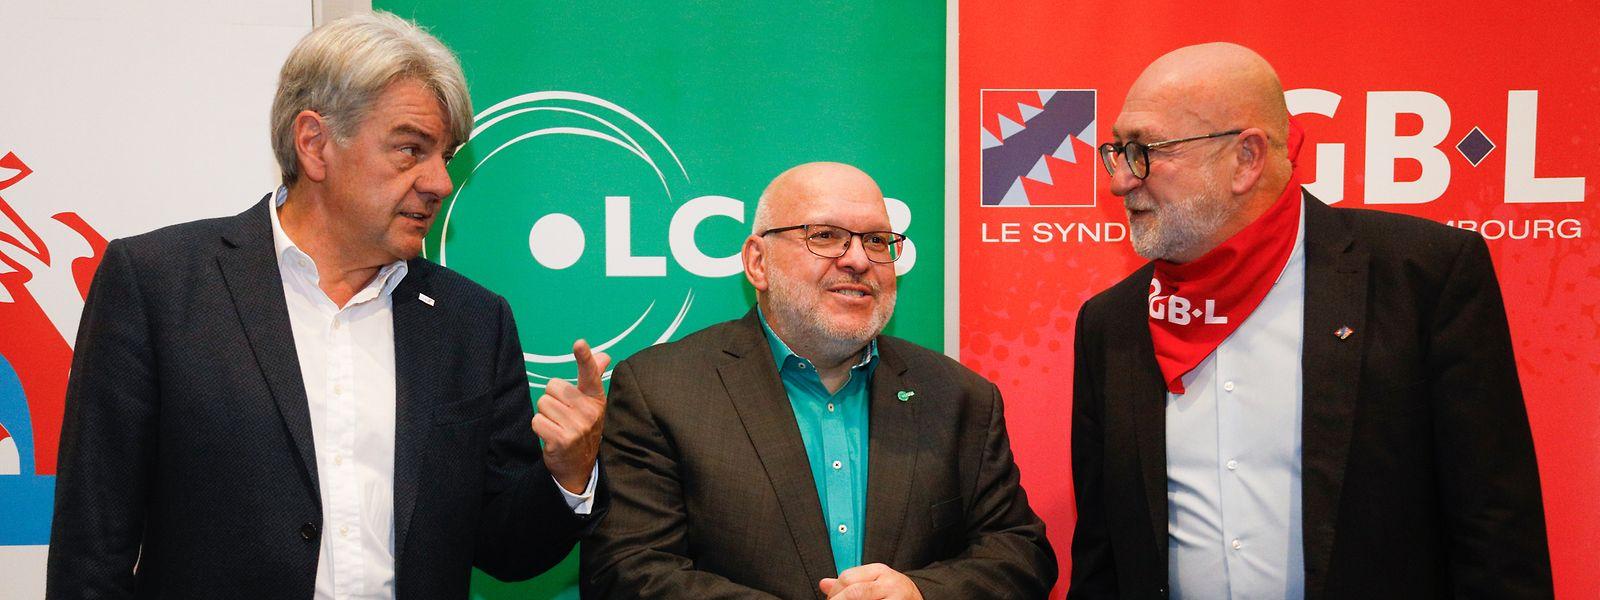 Les présidents de la CGFP, du LCGB et de l'OGBL ne pouvaient rêver plus forte mobilisation.